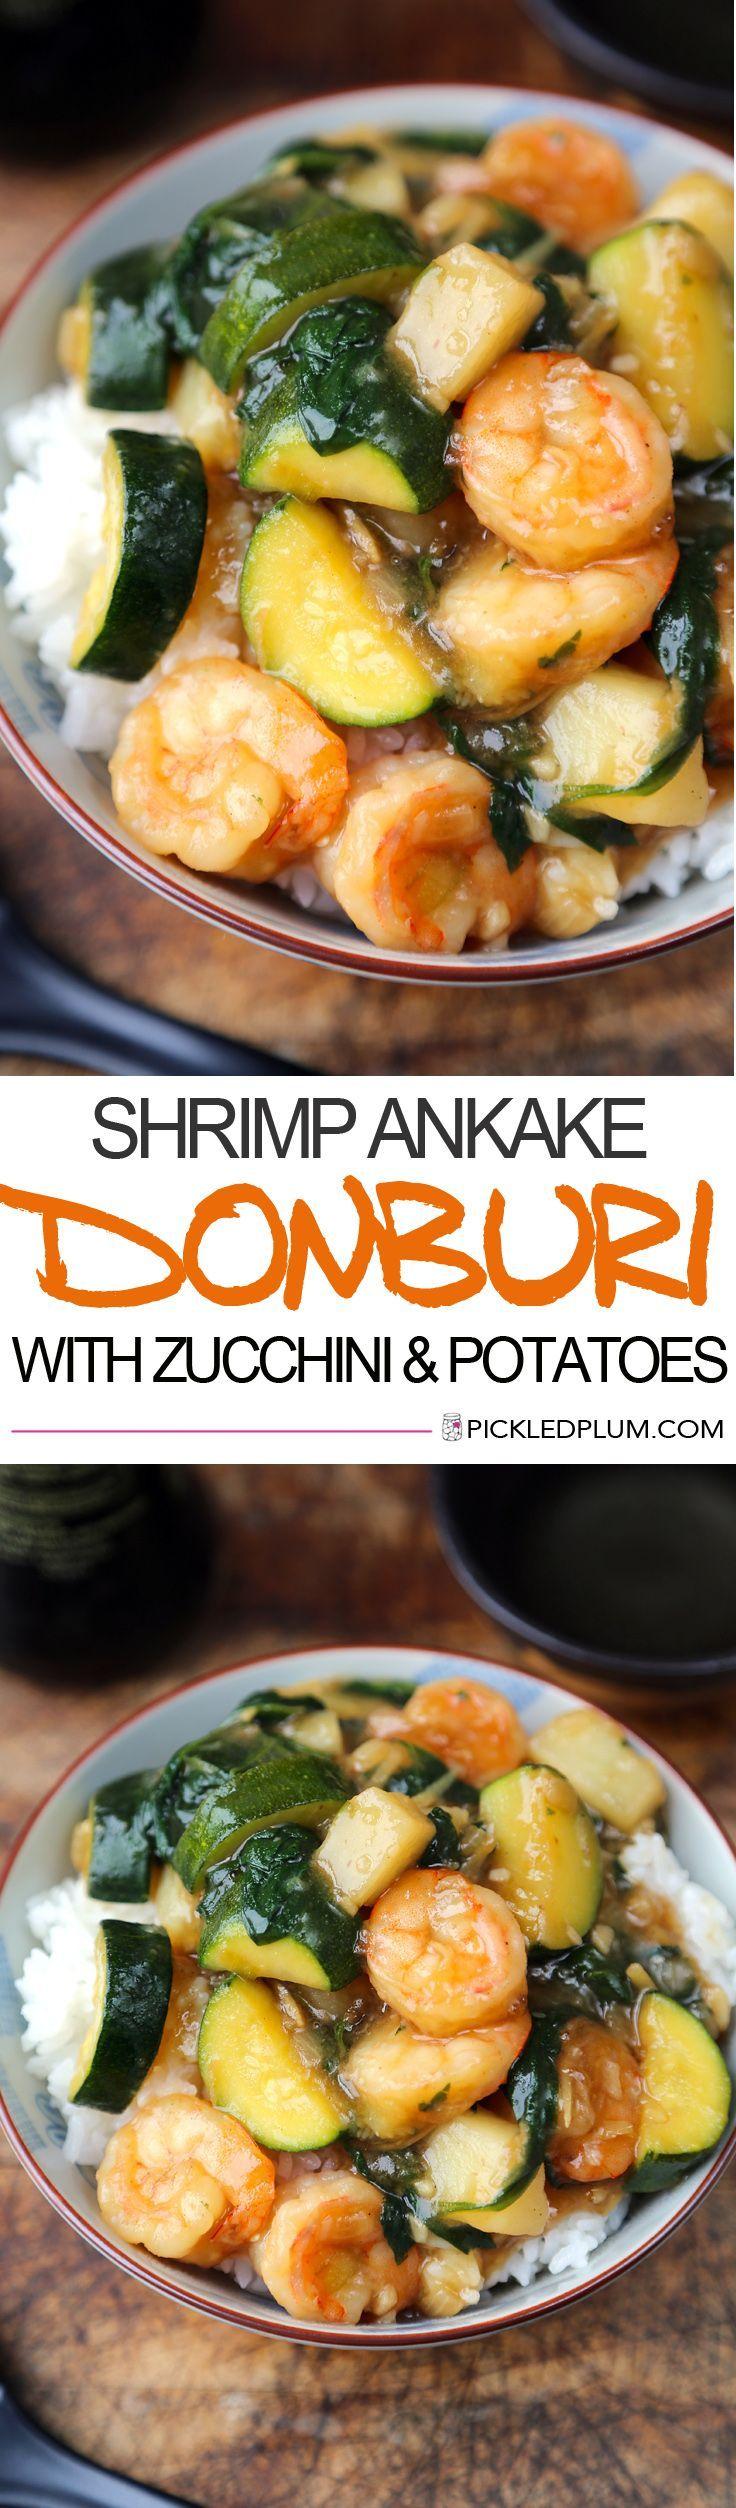 Shrimp Ankake Donburi With Zucchini And Potatoes